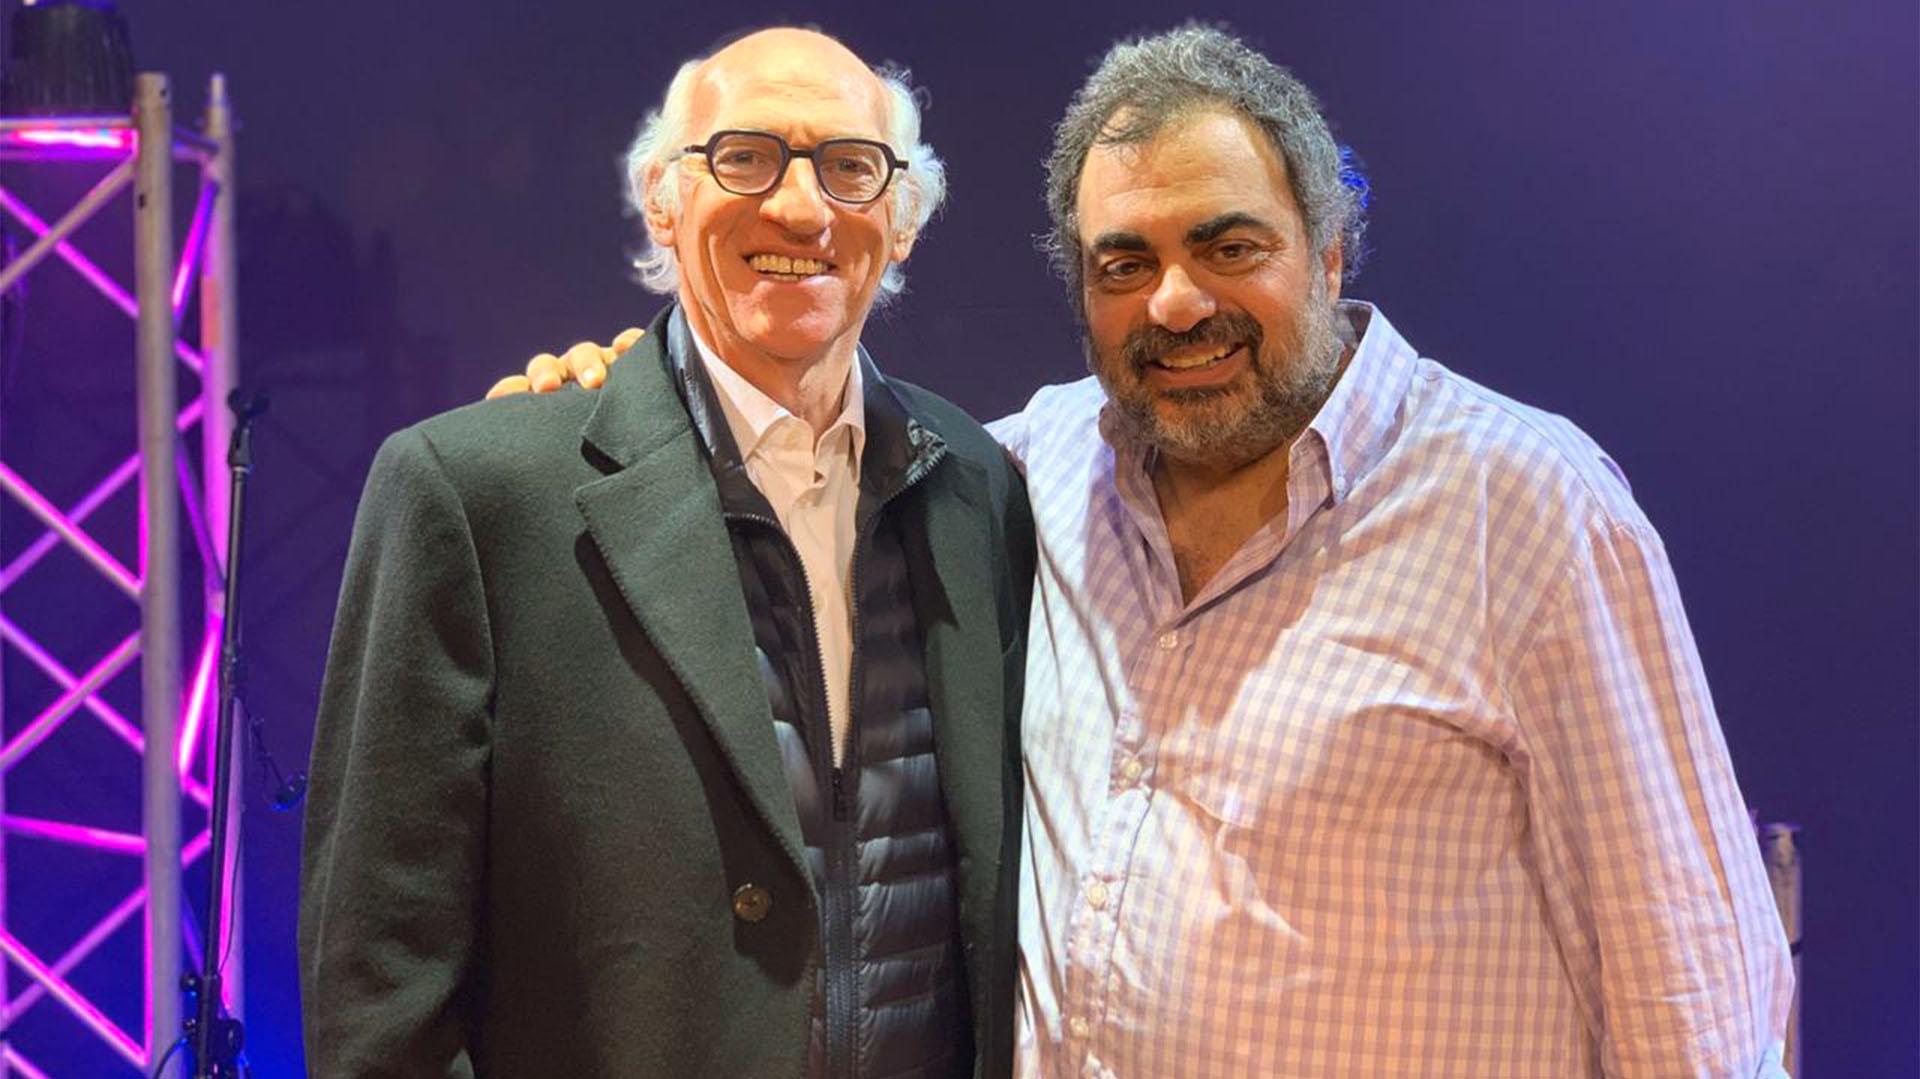 """Carlos Bianchi concurrió al Teatro Apolo a disfrutar del exitoso Show que brinda Roberto Moldavsky, """"El Candidato"""". Al finalizar el espectáculo, el ex futbolista se reunió con el humorista y lo felicitó por su divertido stand-up"""